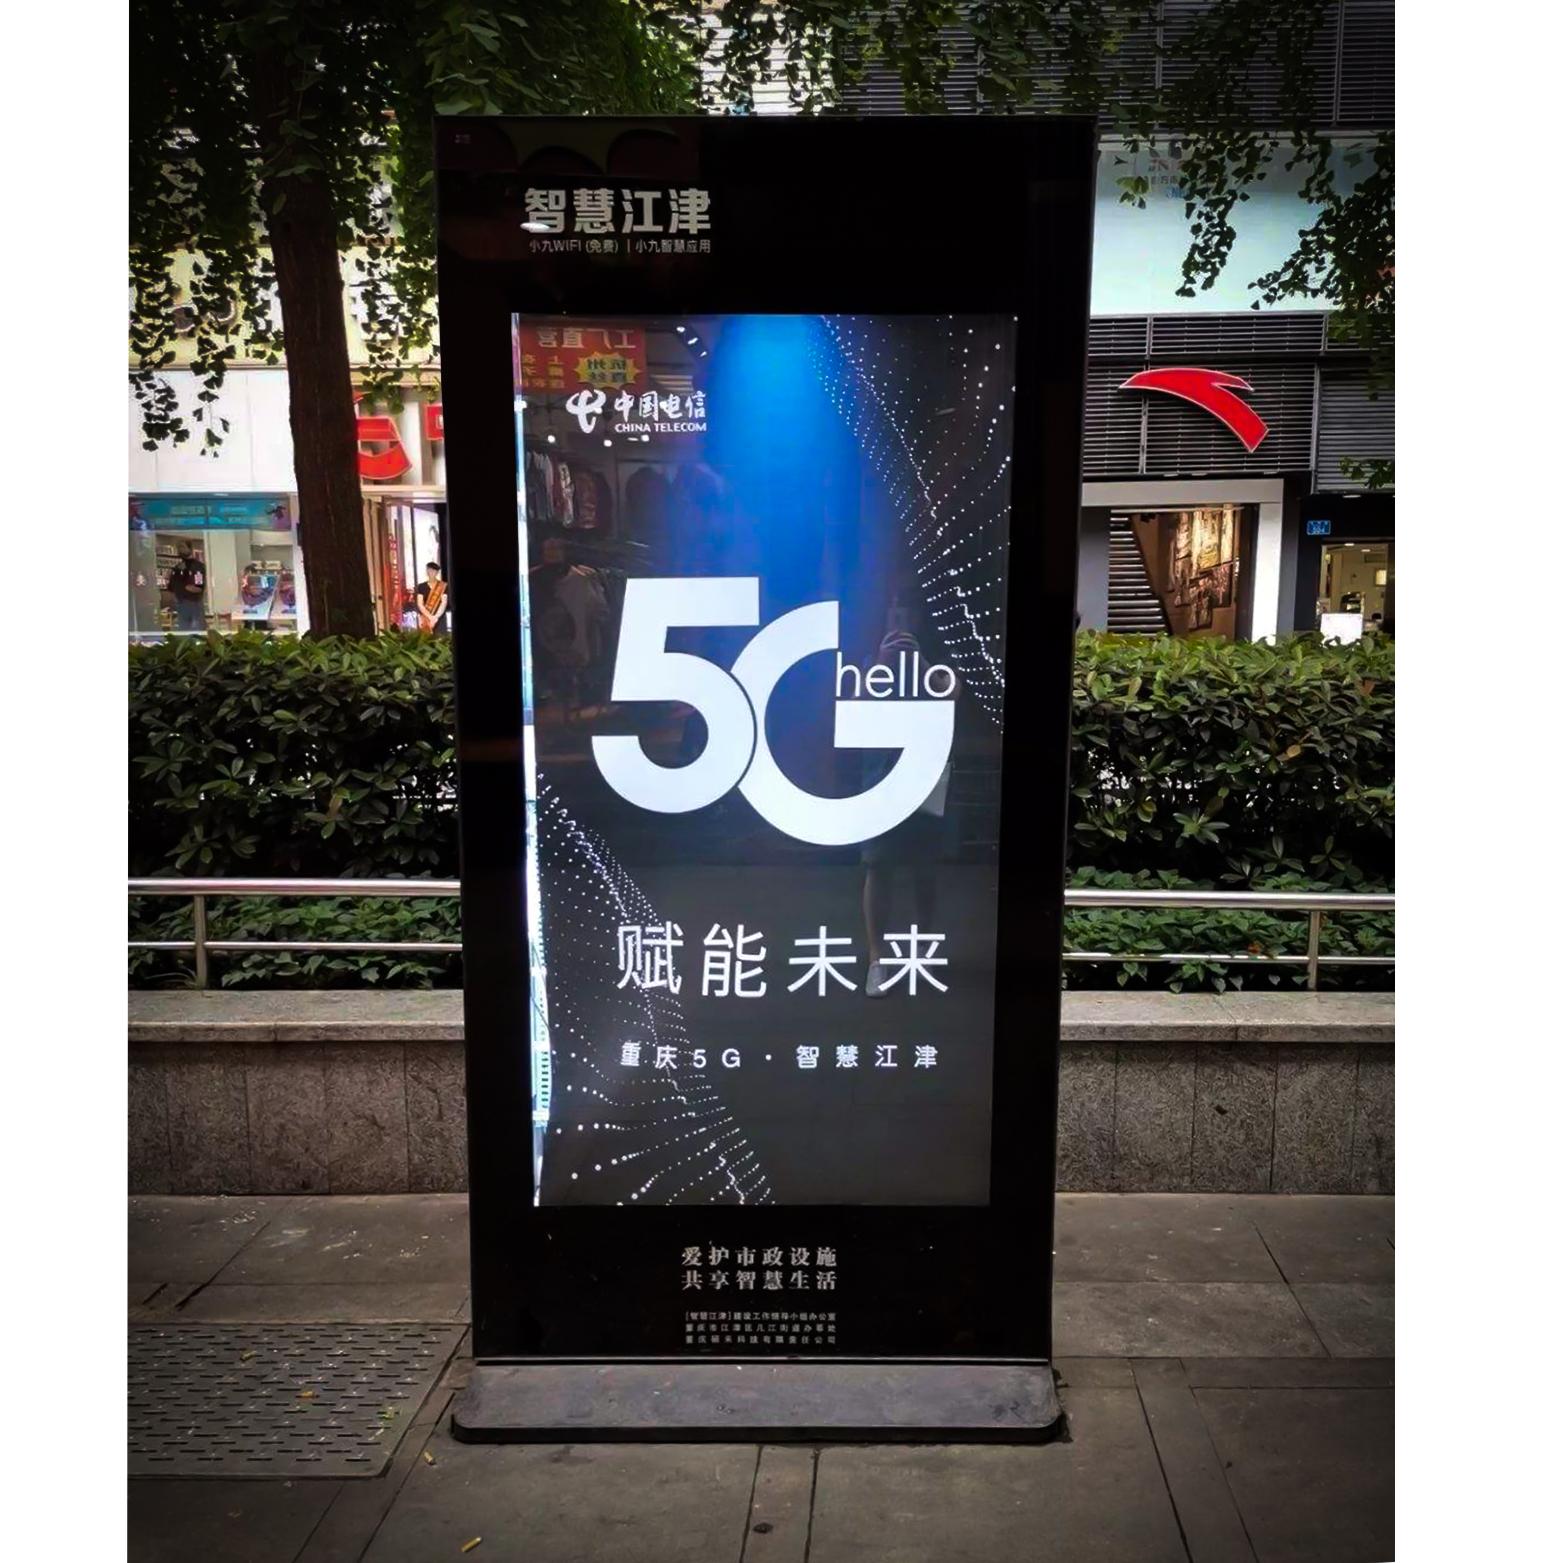 5G广告灯箱